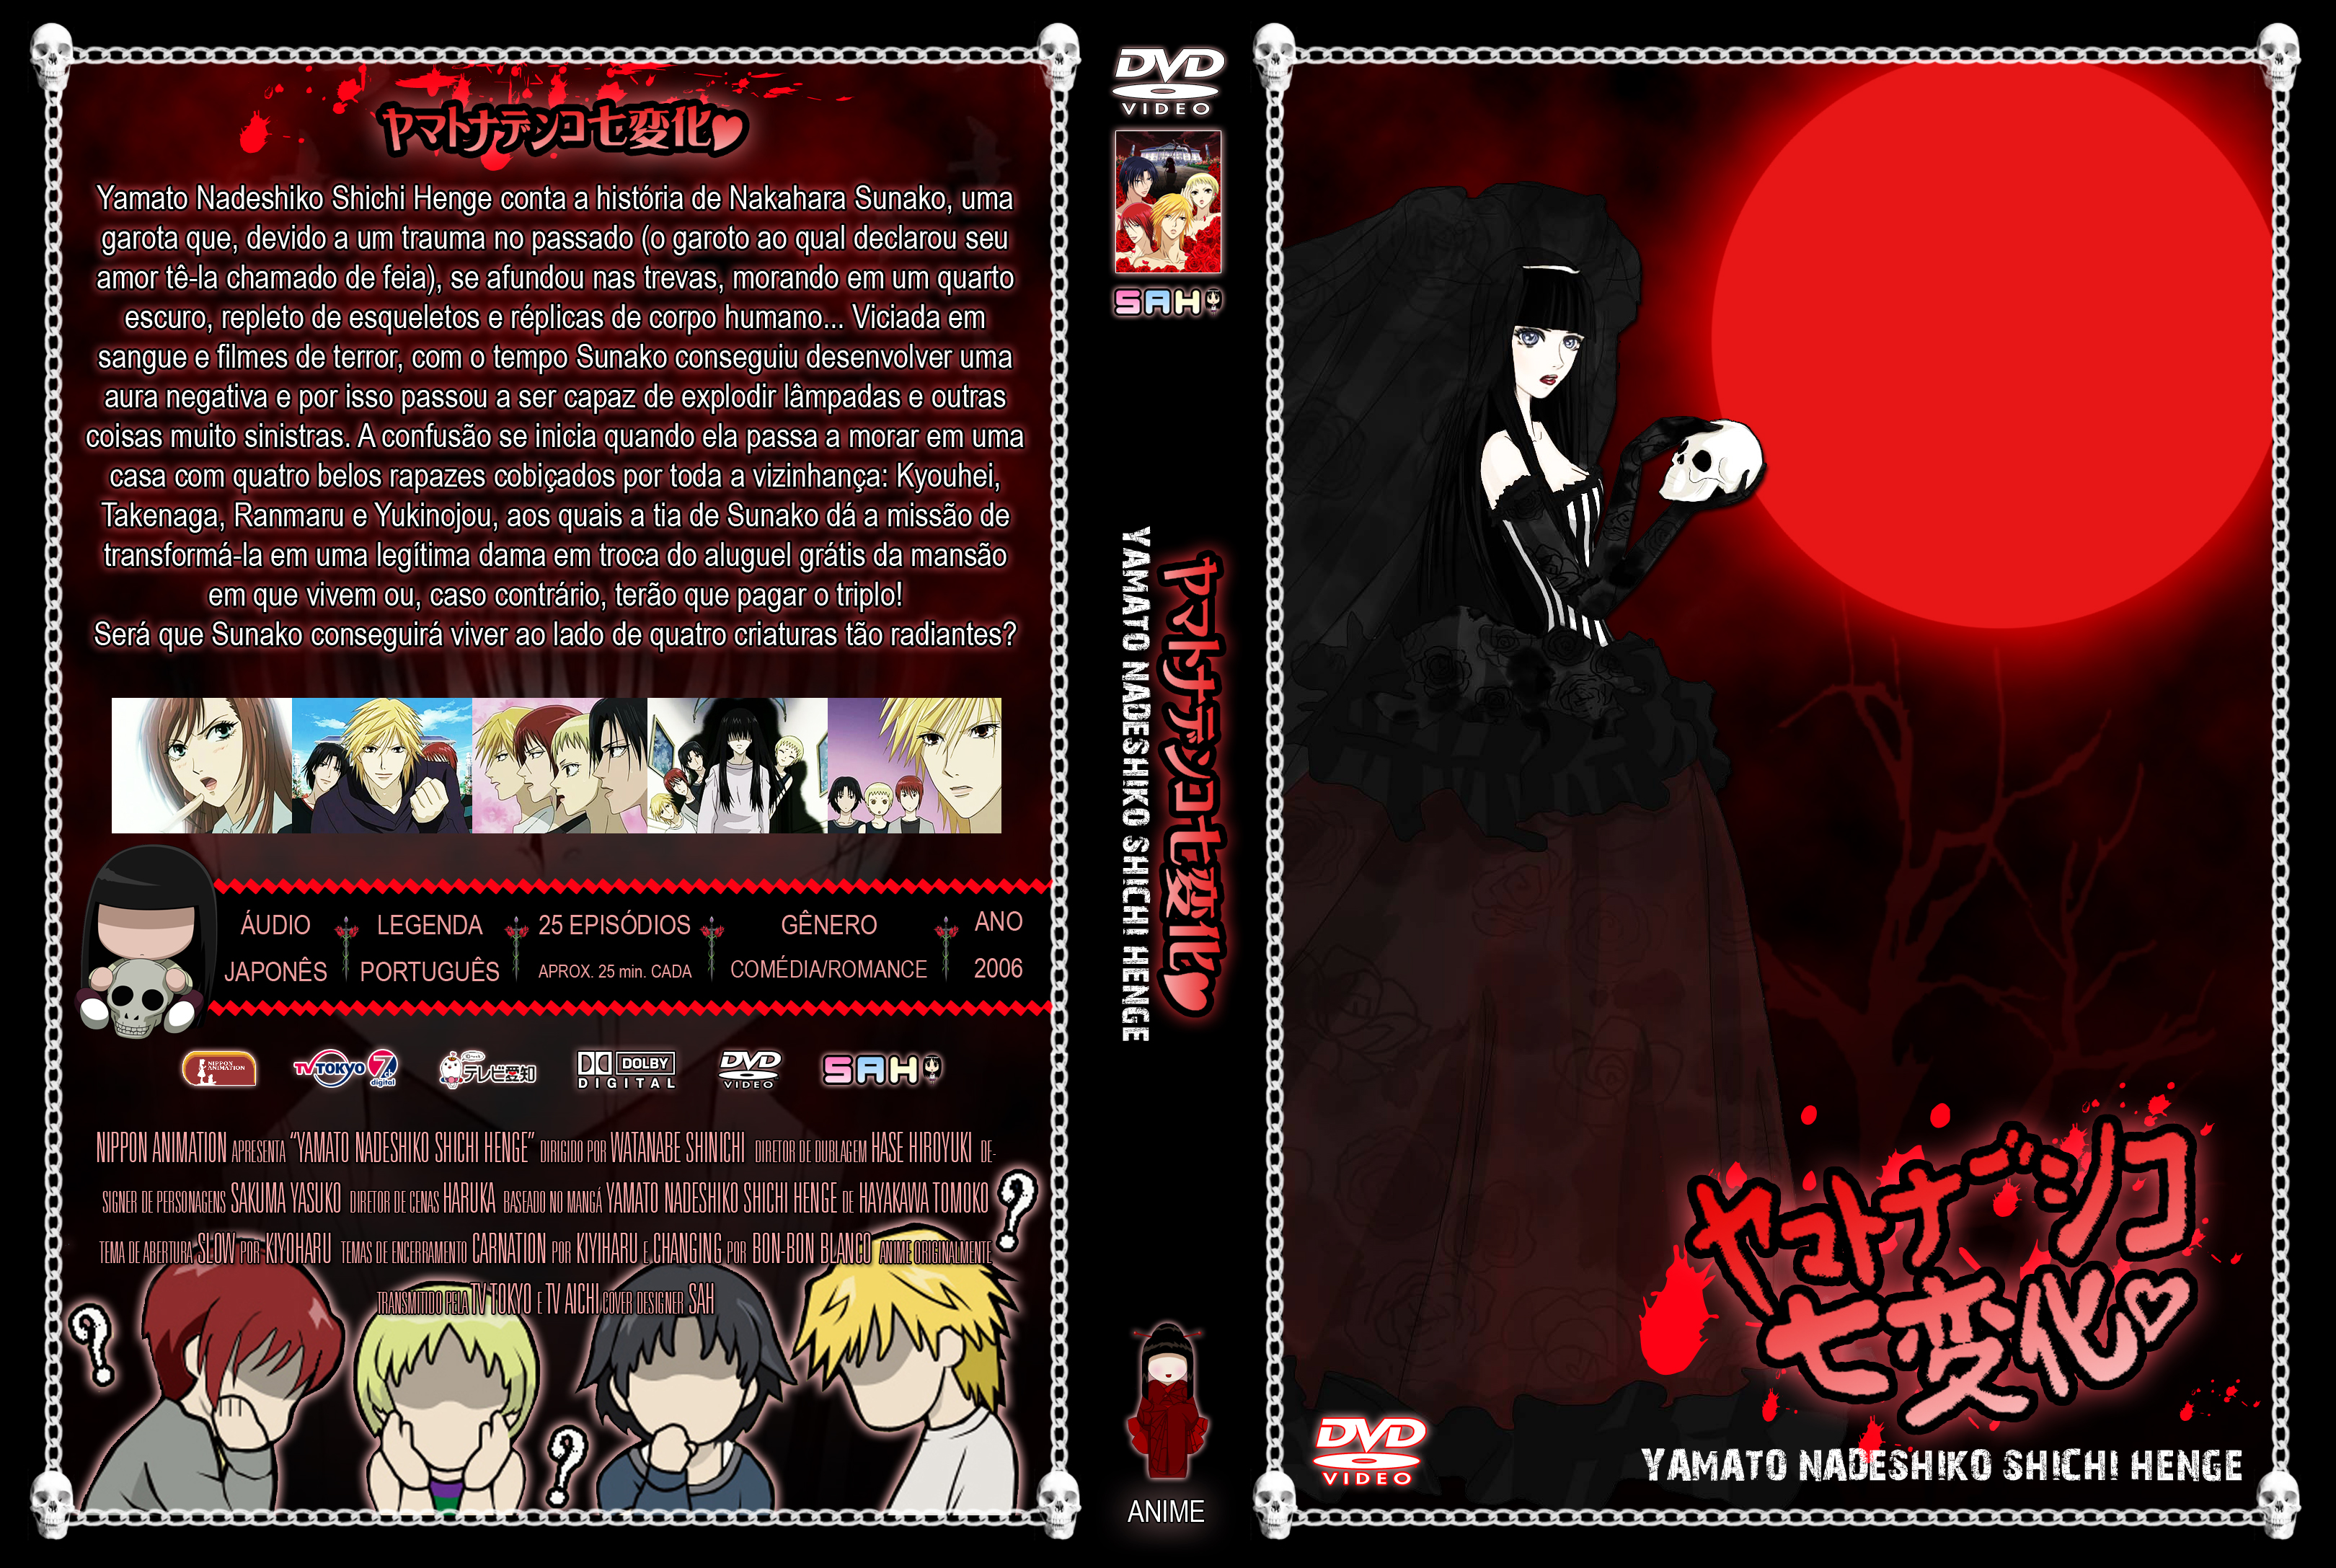 Dvd cover yamato nadeshiko shichi henge by sabrinafranzoni